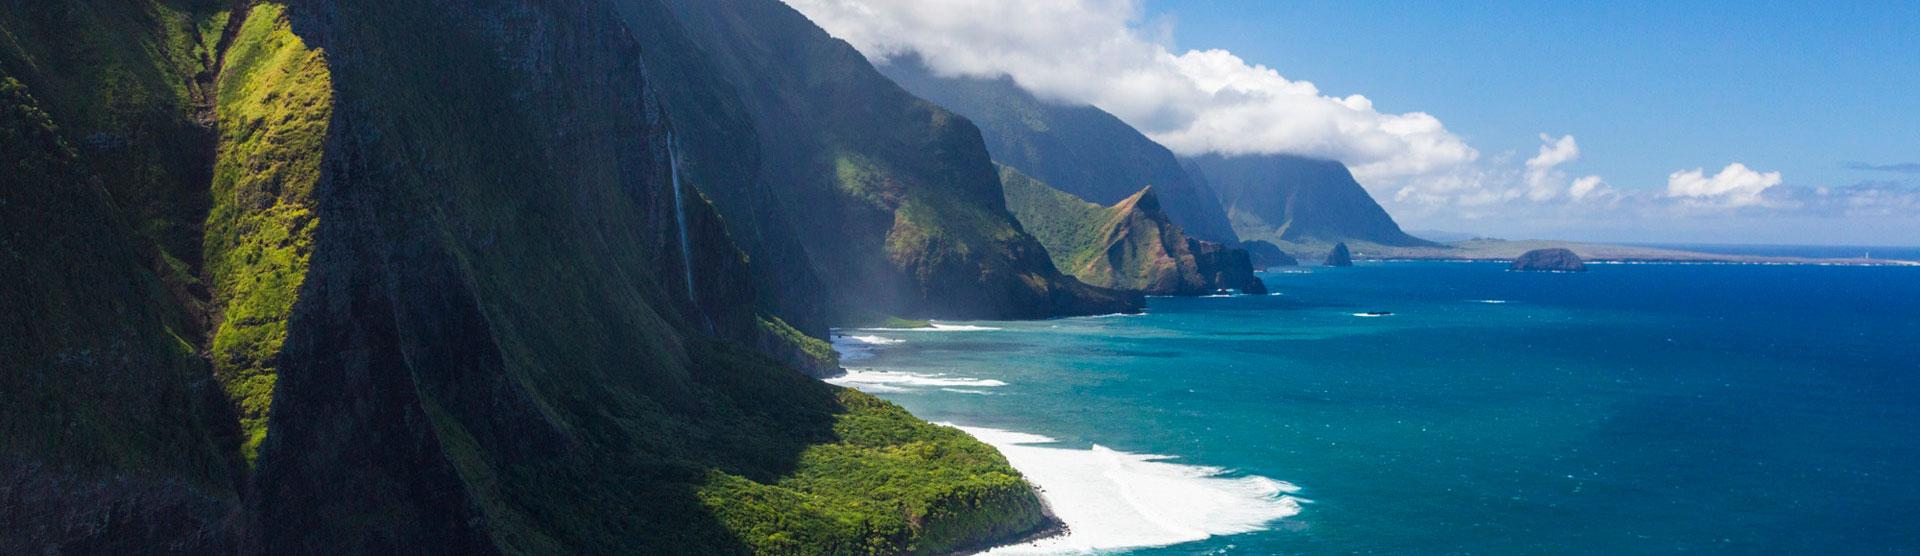 Molokai Sehenswürdigkeiten: Urlaub in entspanntem Hawaii-Feeling